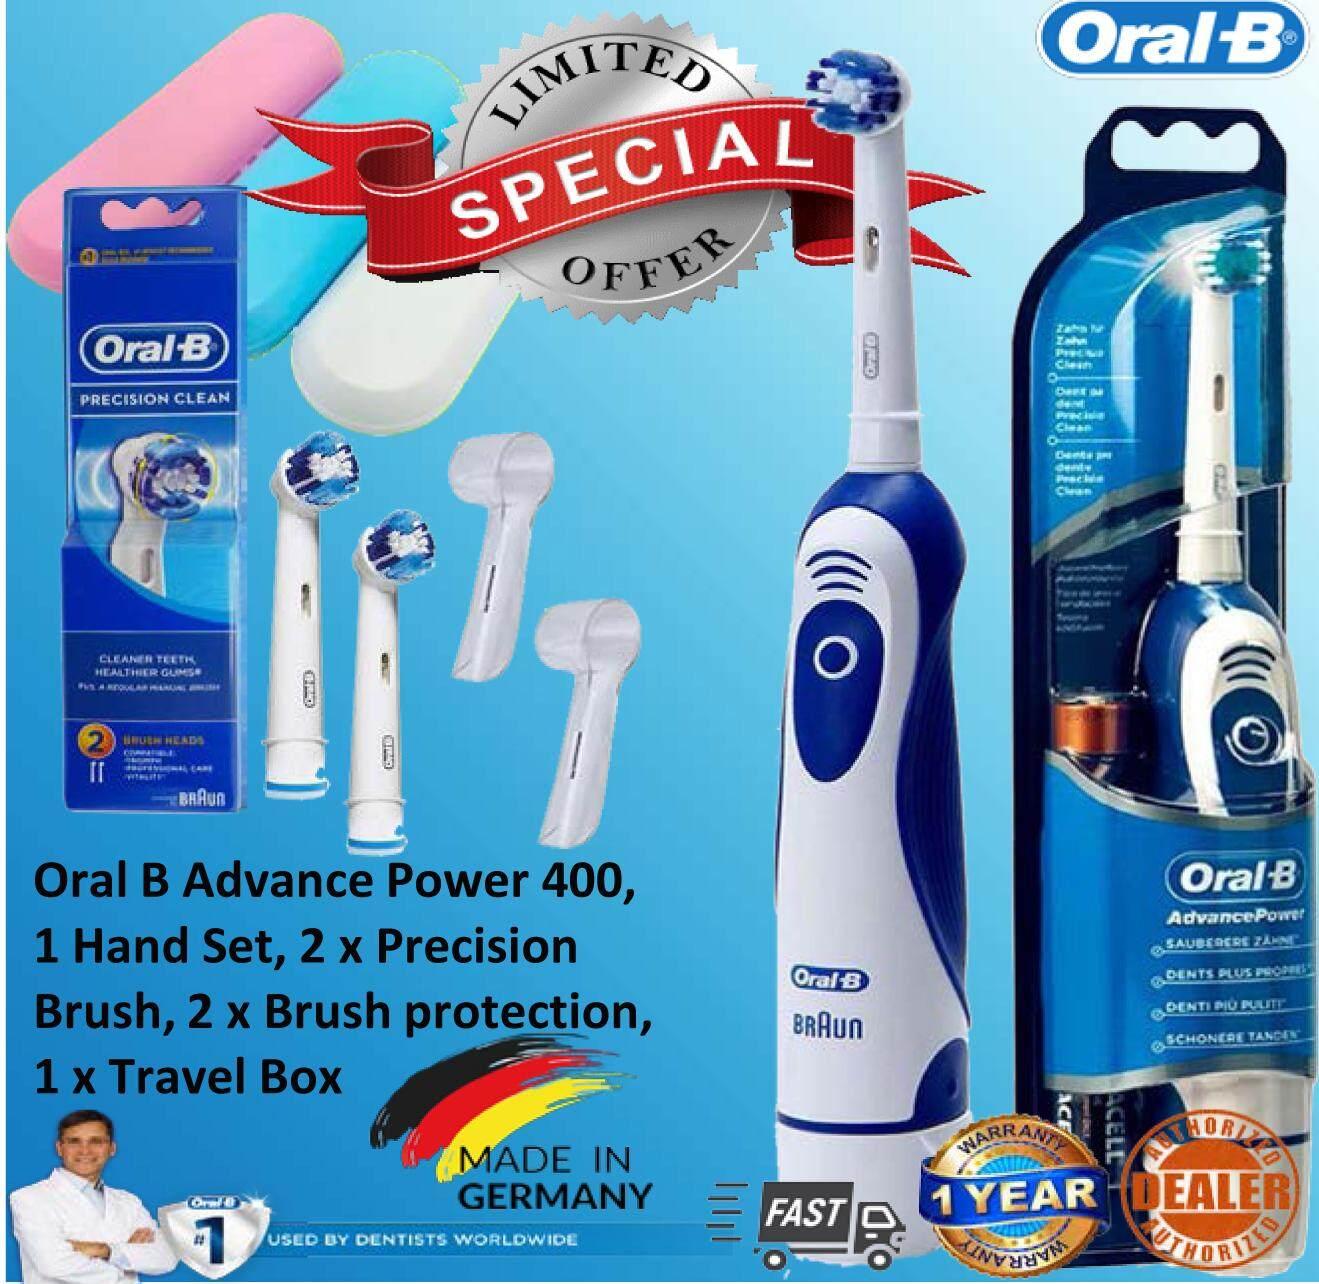 นครราชสีมา Special Edition Oral B Advance Power 400  DB 4010 Battery Powered Electric Toothbrush   Travel Bag    2 x Precision Clean   2 x Brush protection